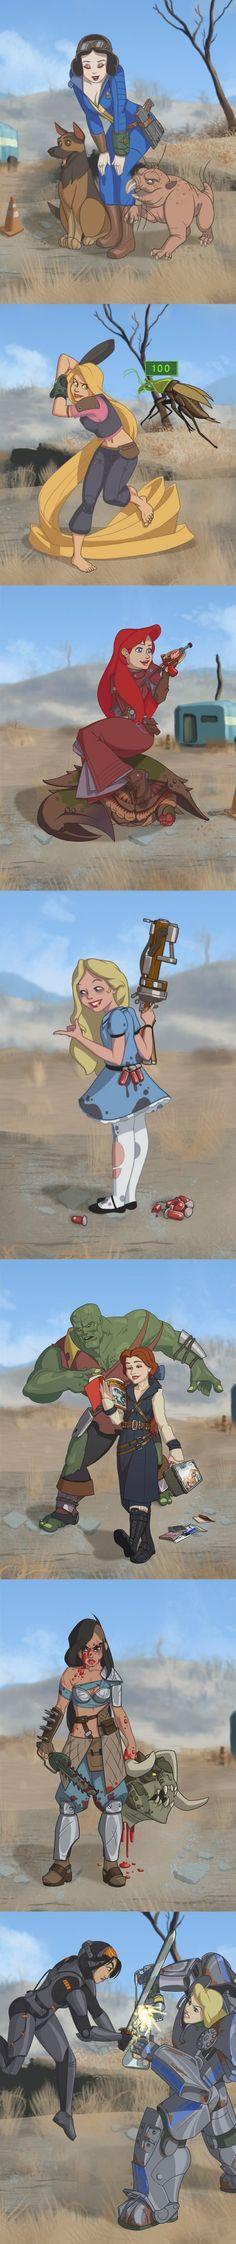 Fallout & Disney collide #fallout #kurttasche